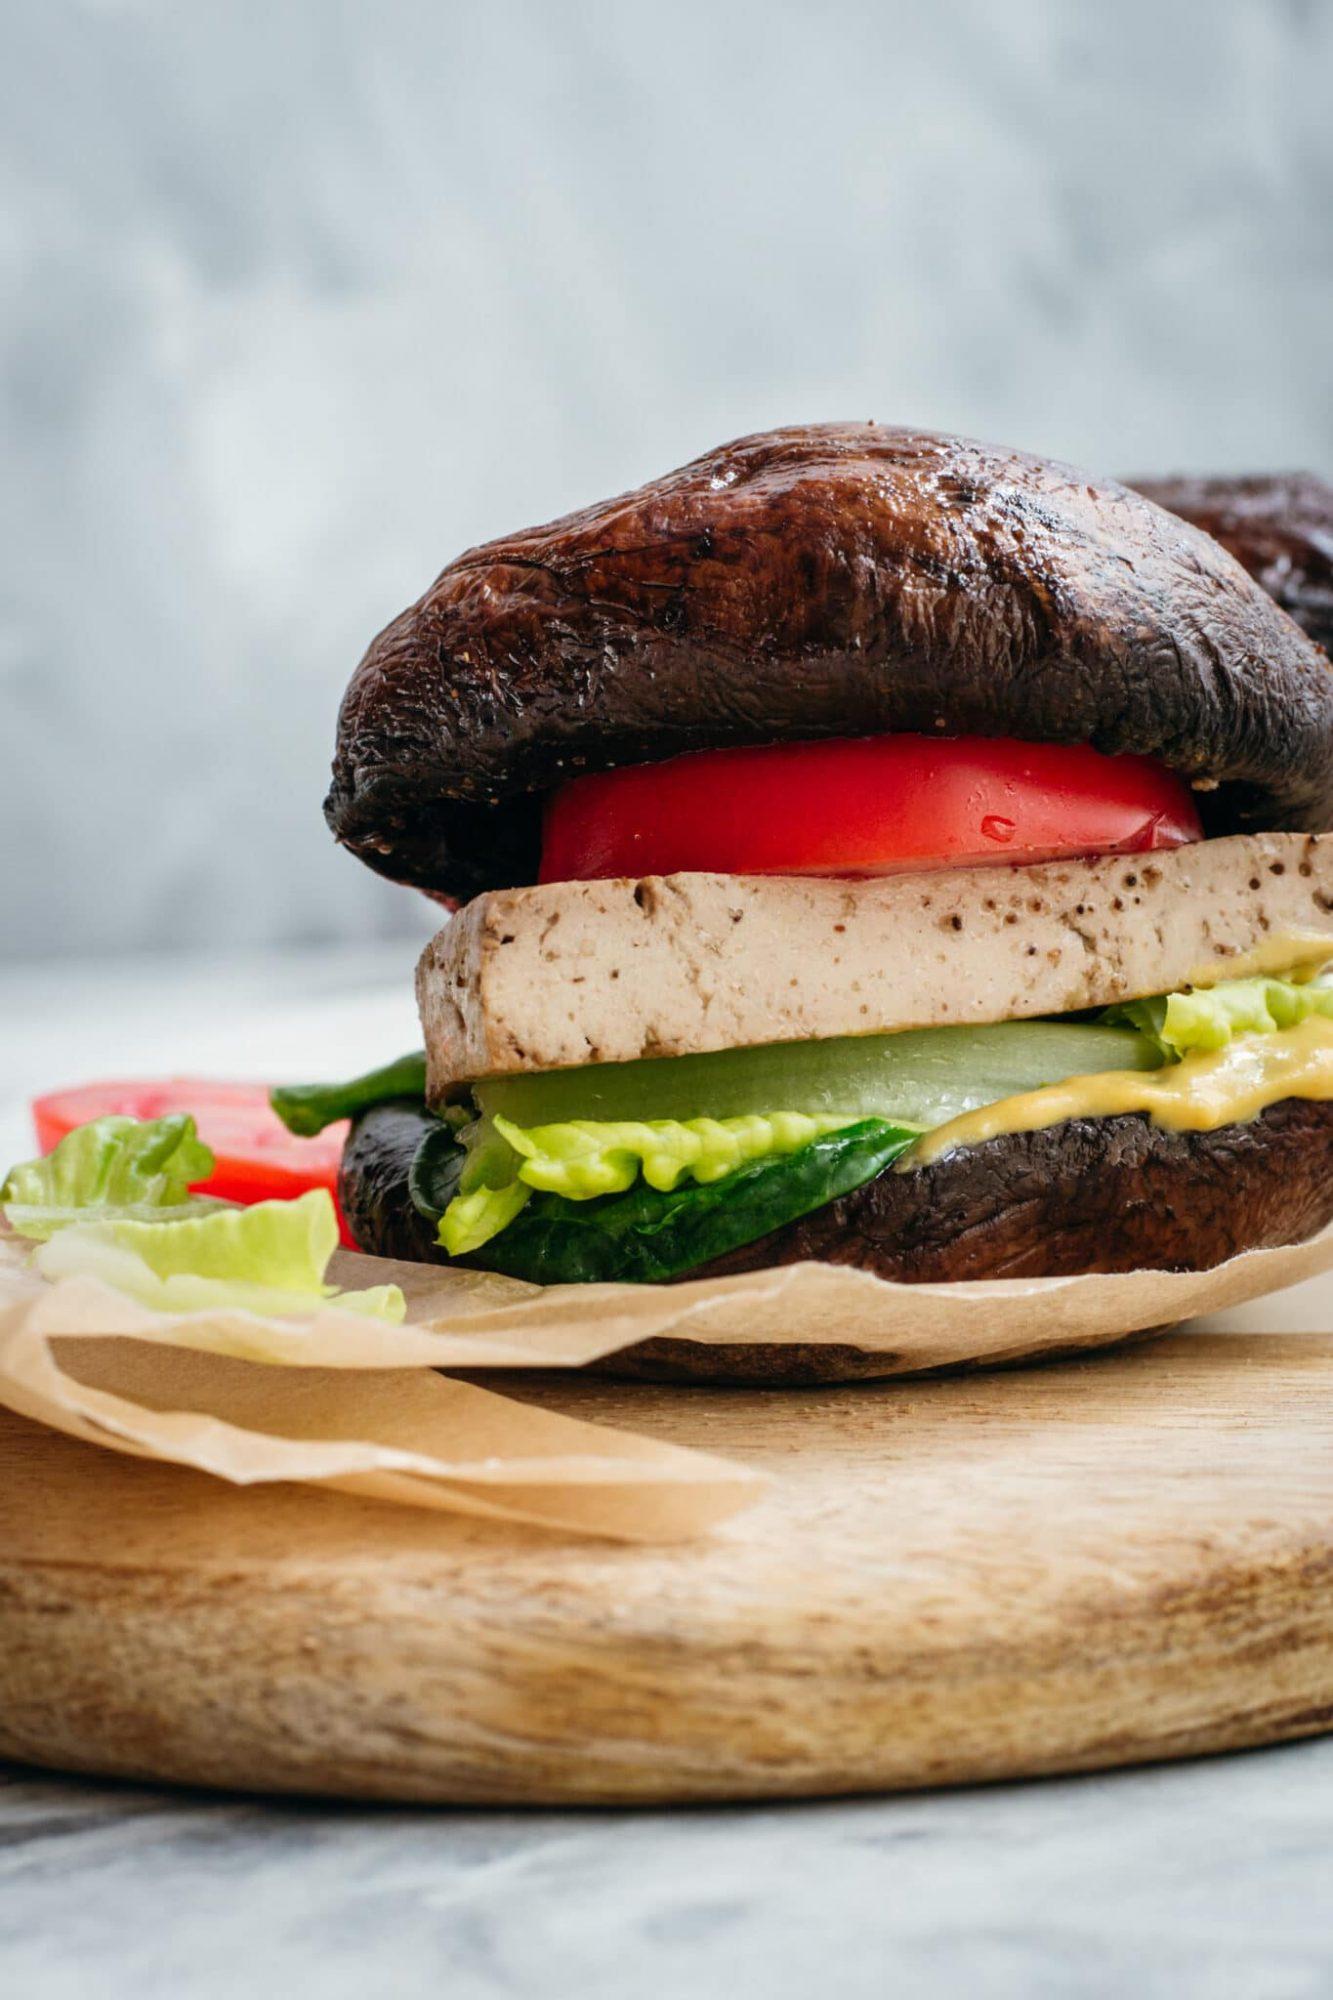 Vegan Keto Portobello Mushroom Burger